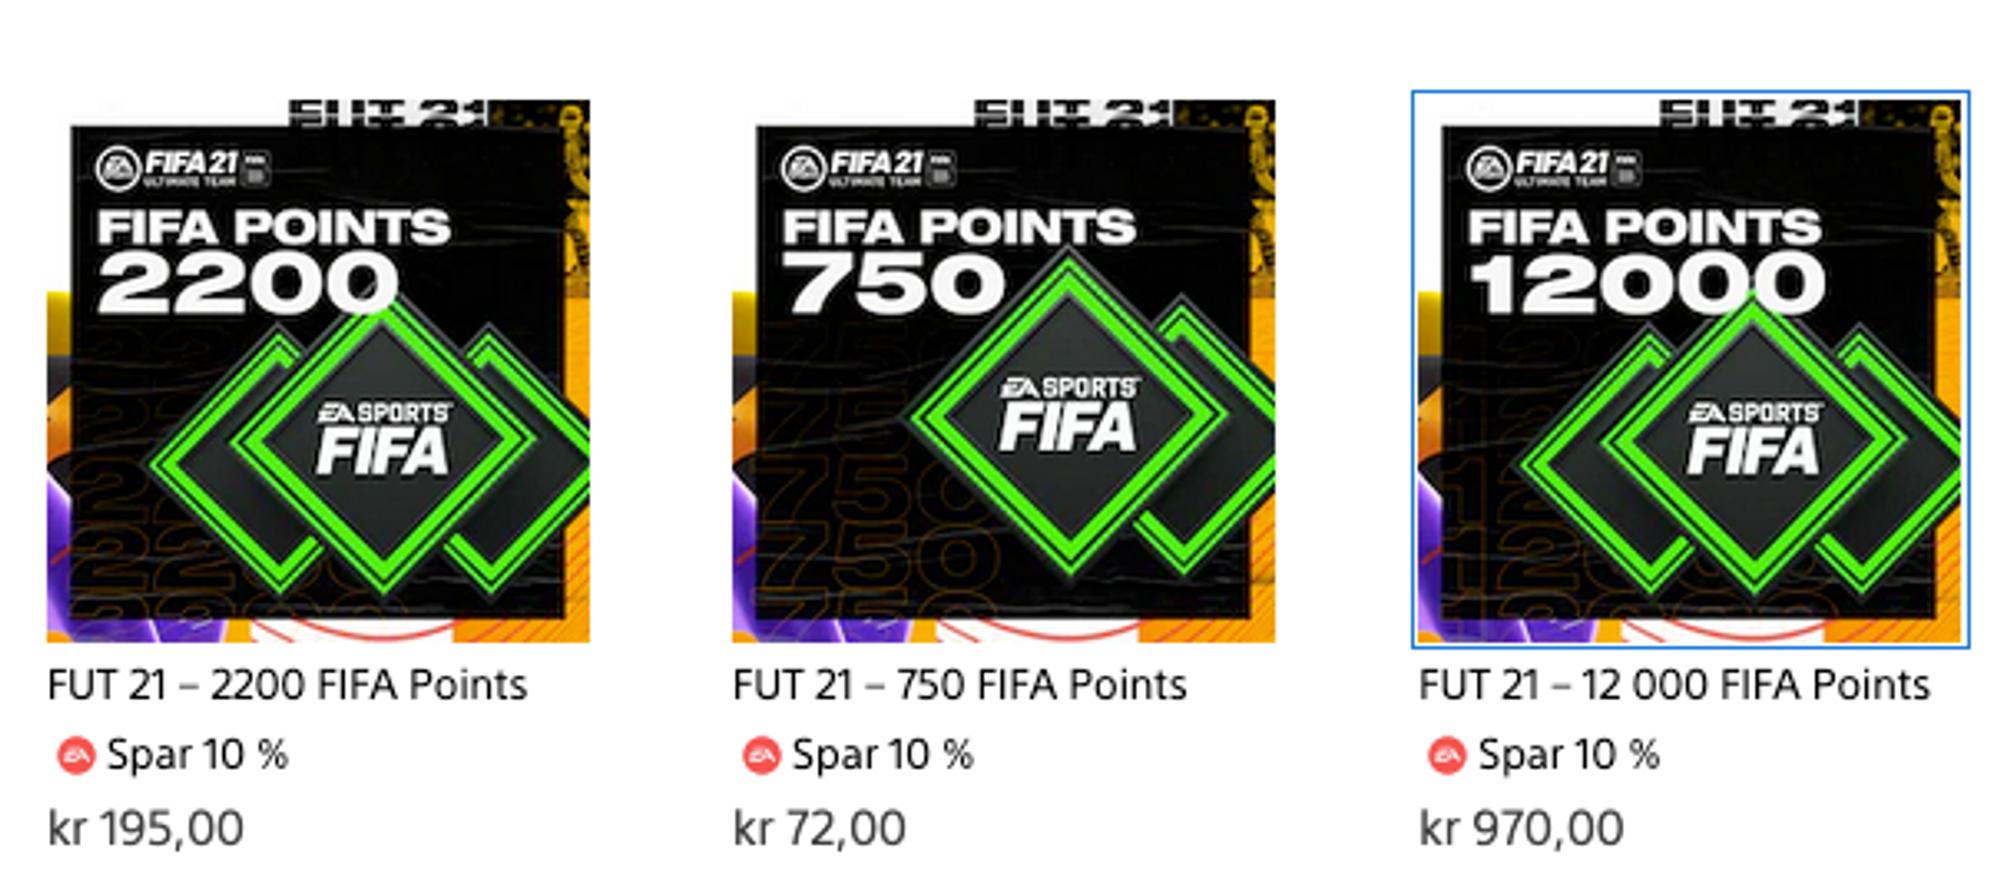 Skjermbilde av FIFA-poeng i nettbutikk. 12000 poeng koster 970 kroner.